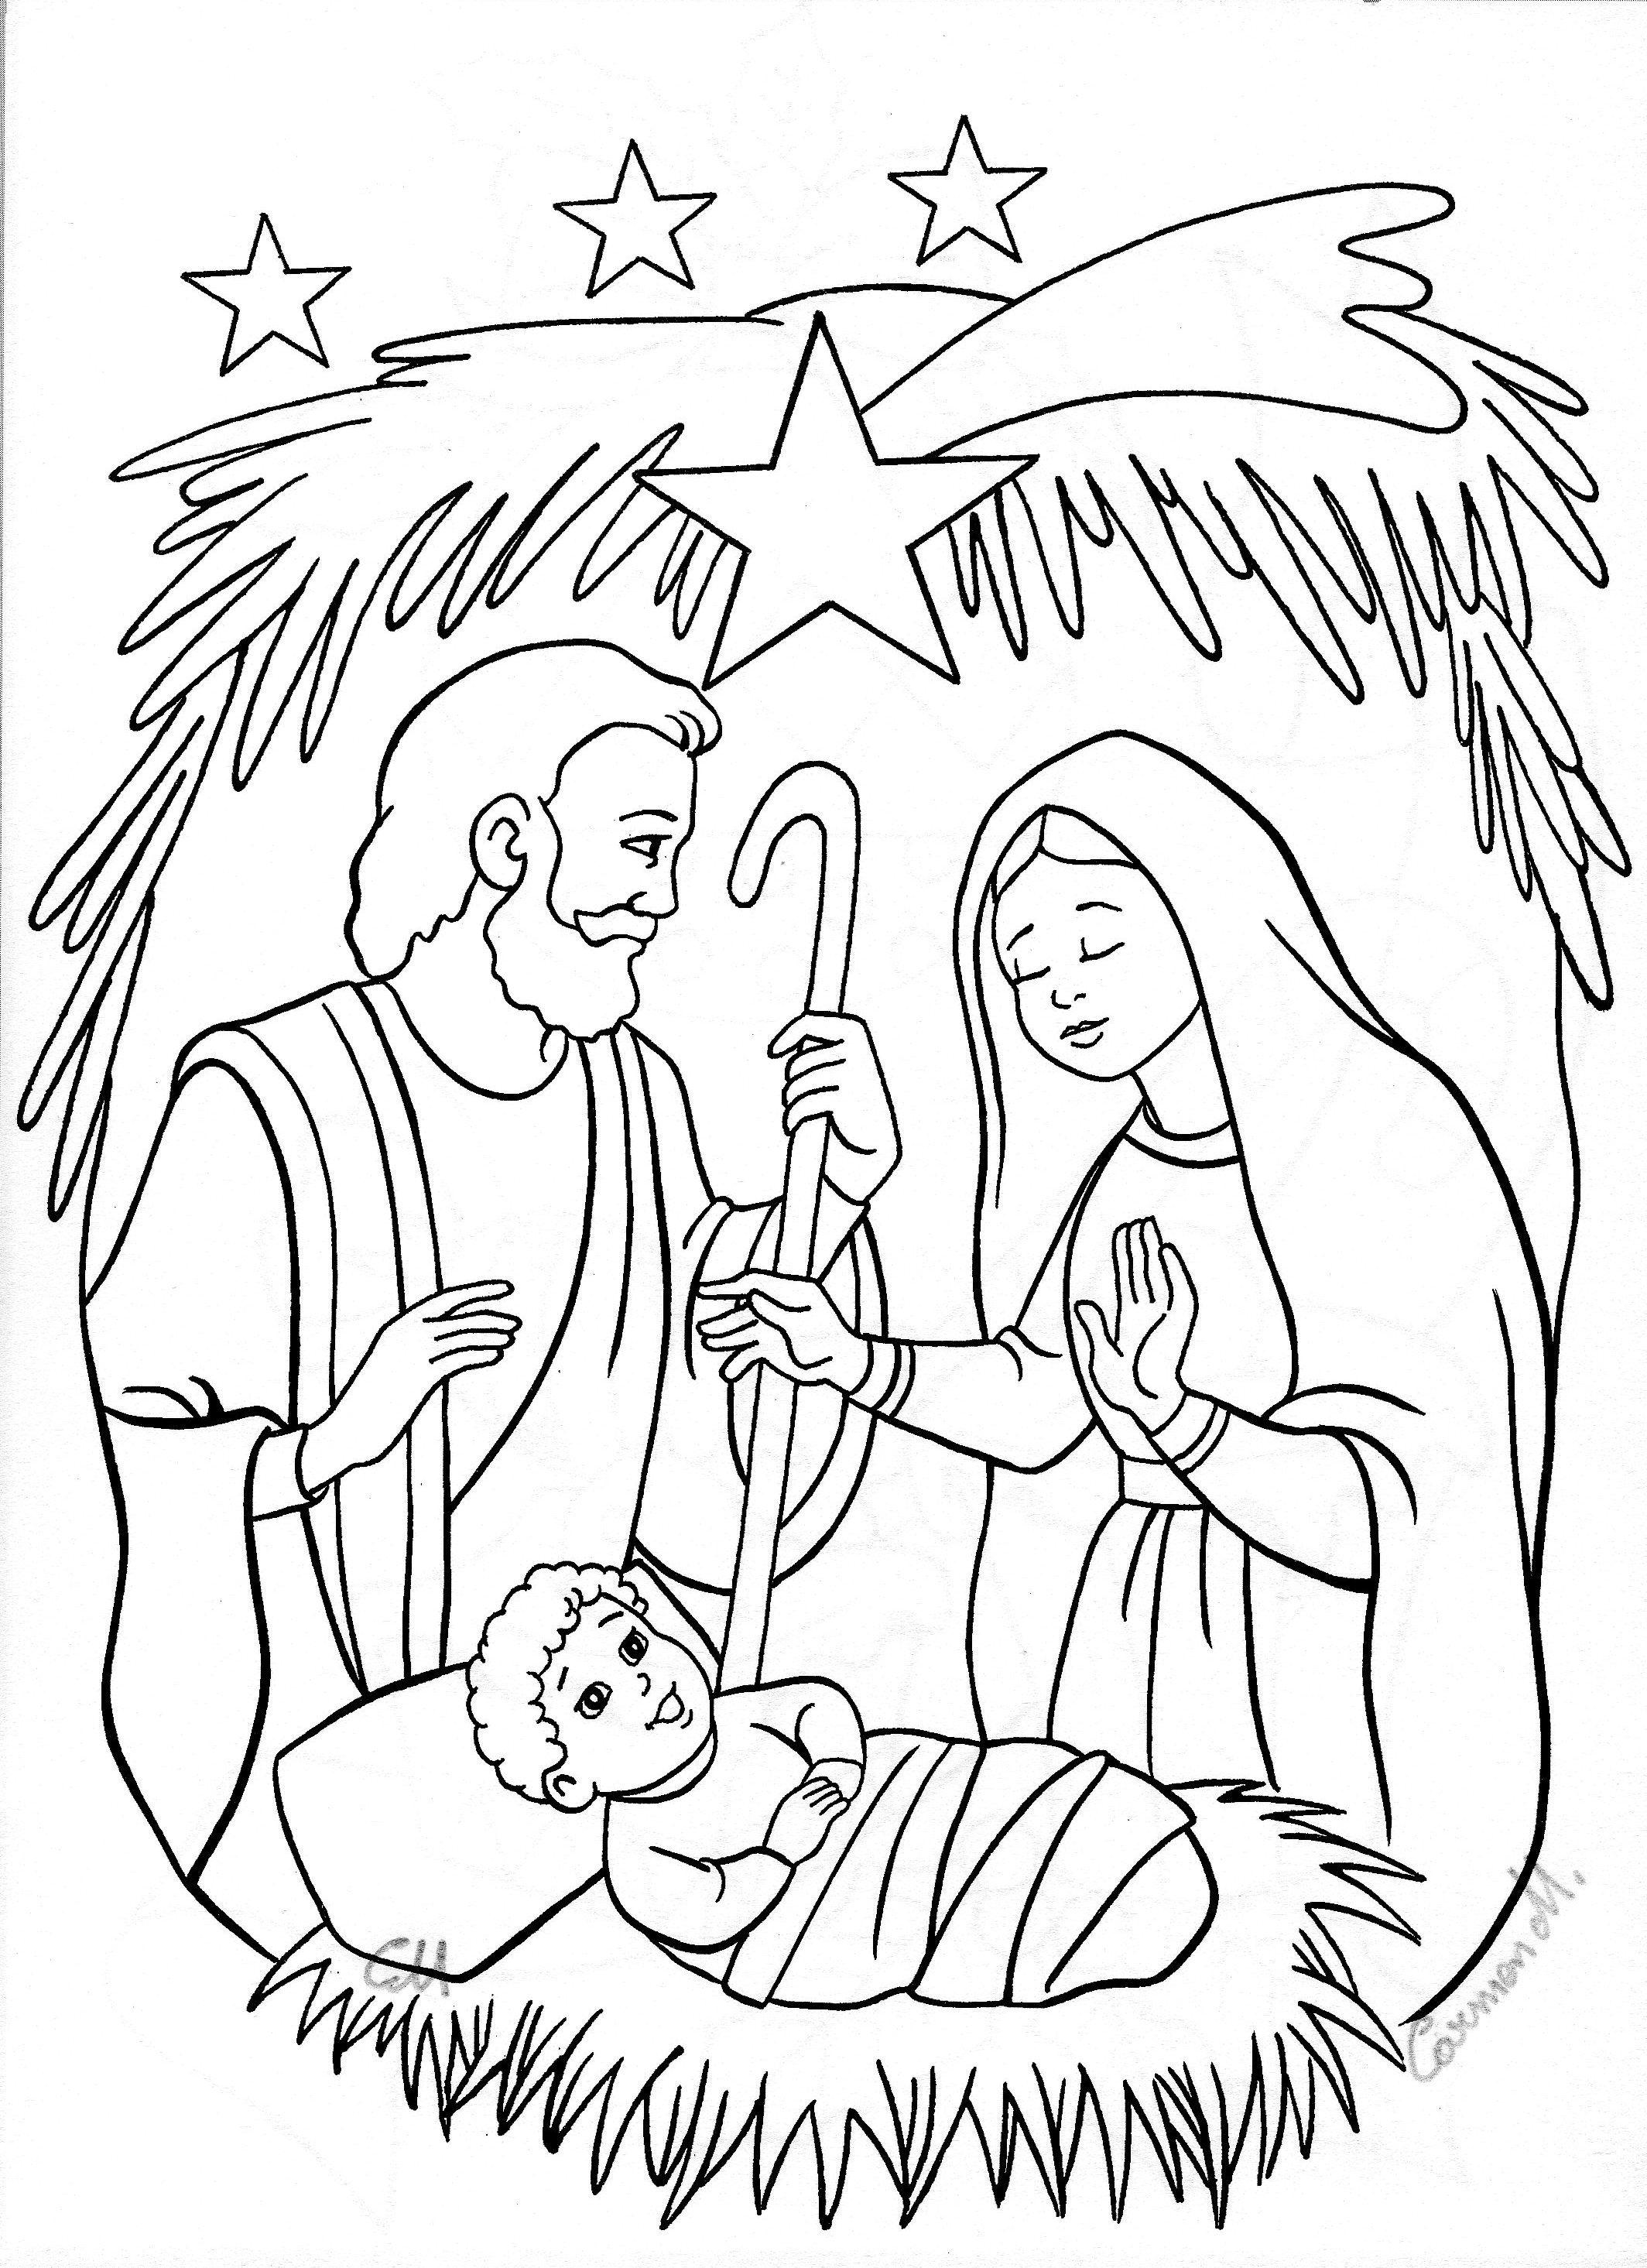 Картинка рождество христово для детей раскраска, открытка мая своими